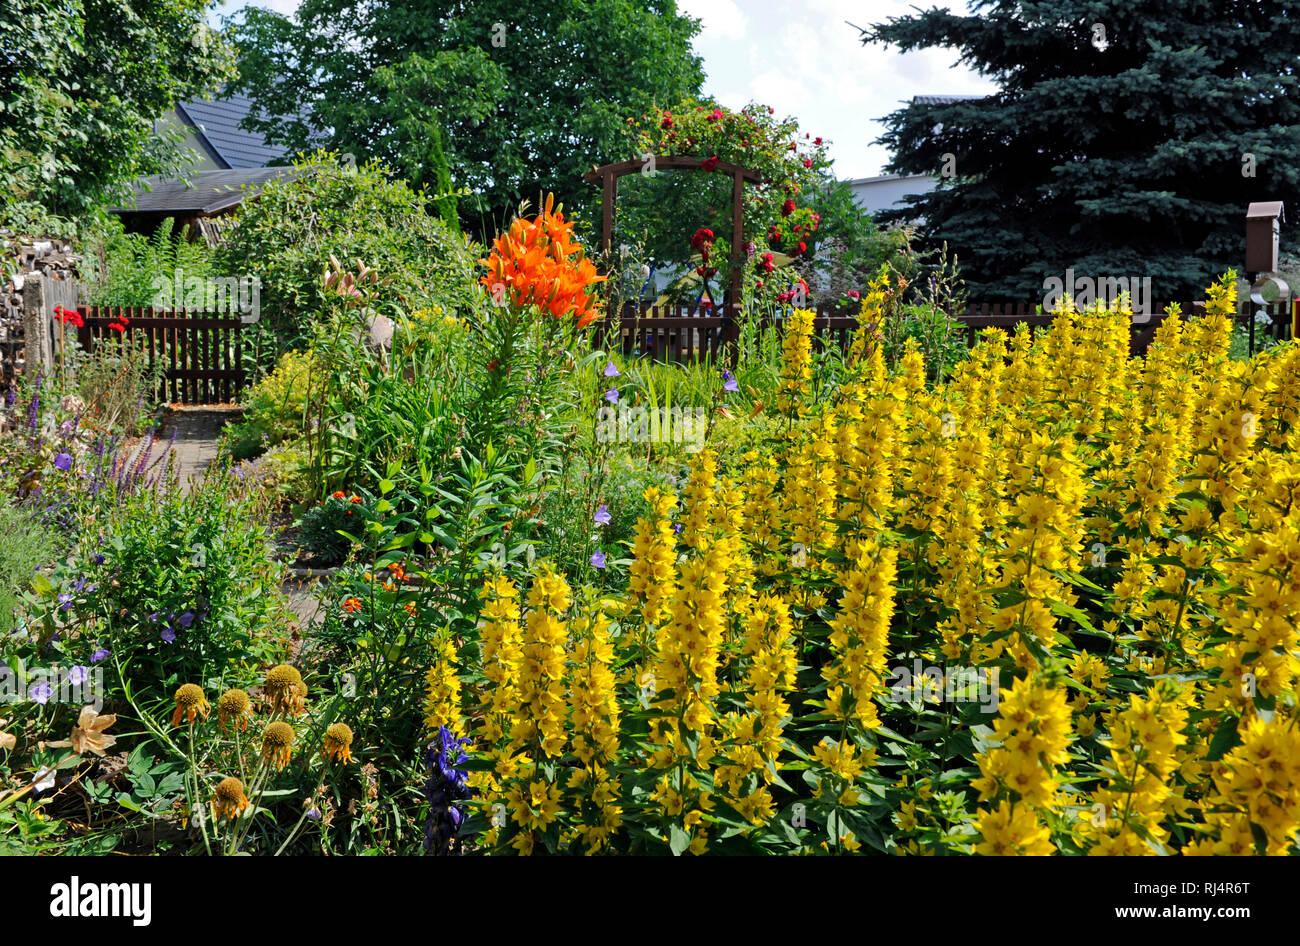 Romantischer Bauerngarten mit bl?henden Sommerblumen und Zierstauden, Stock Photo